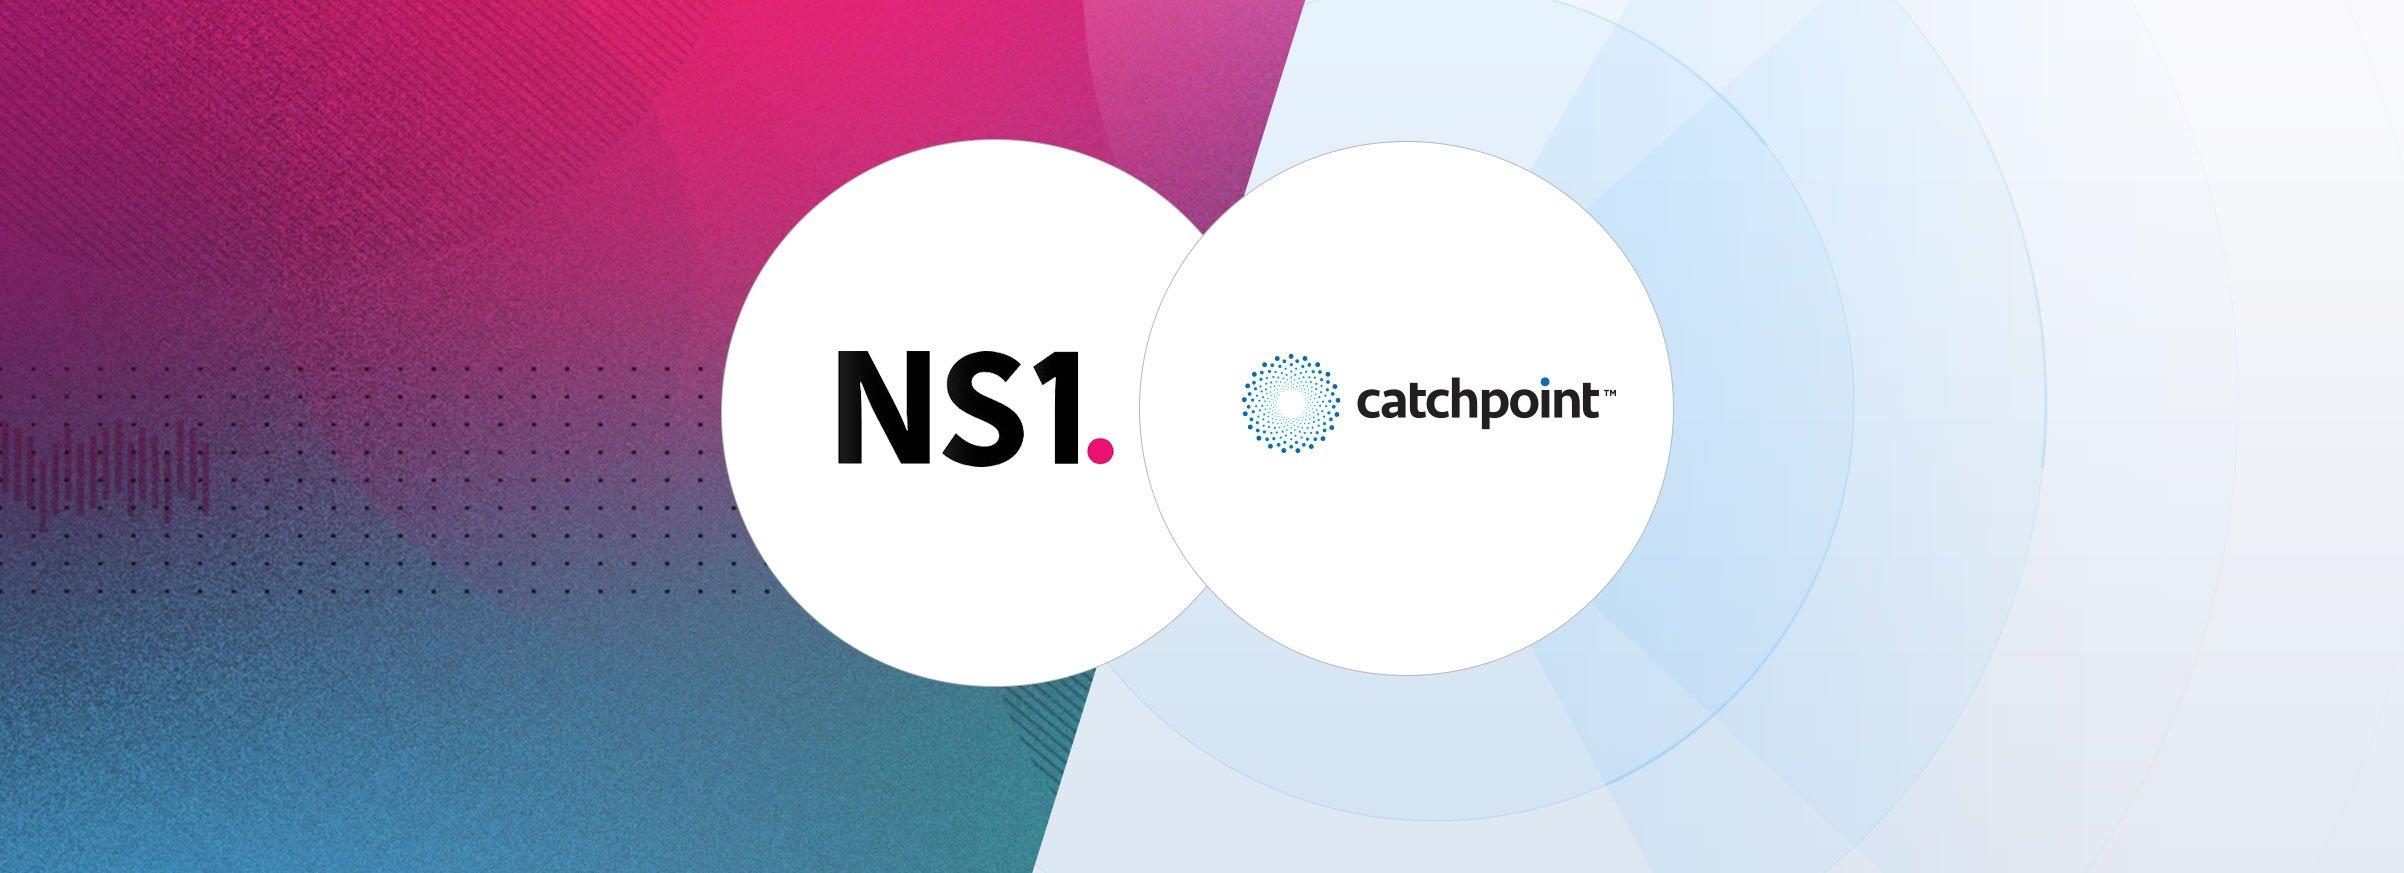 ns1-cp